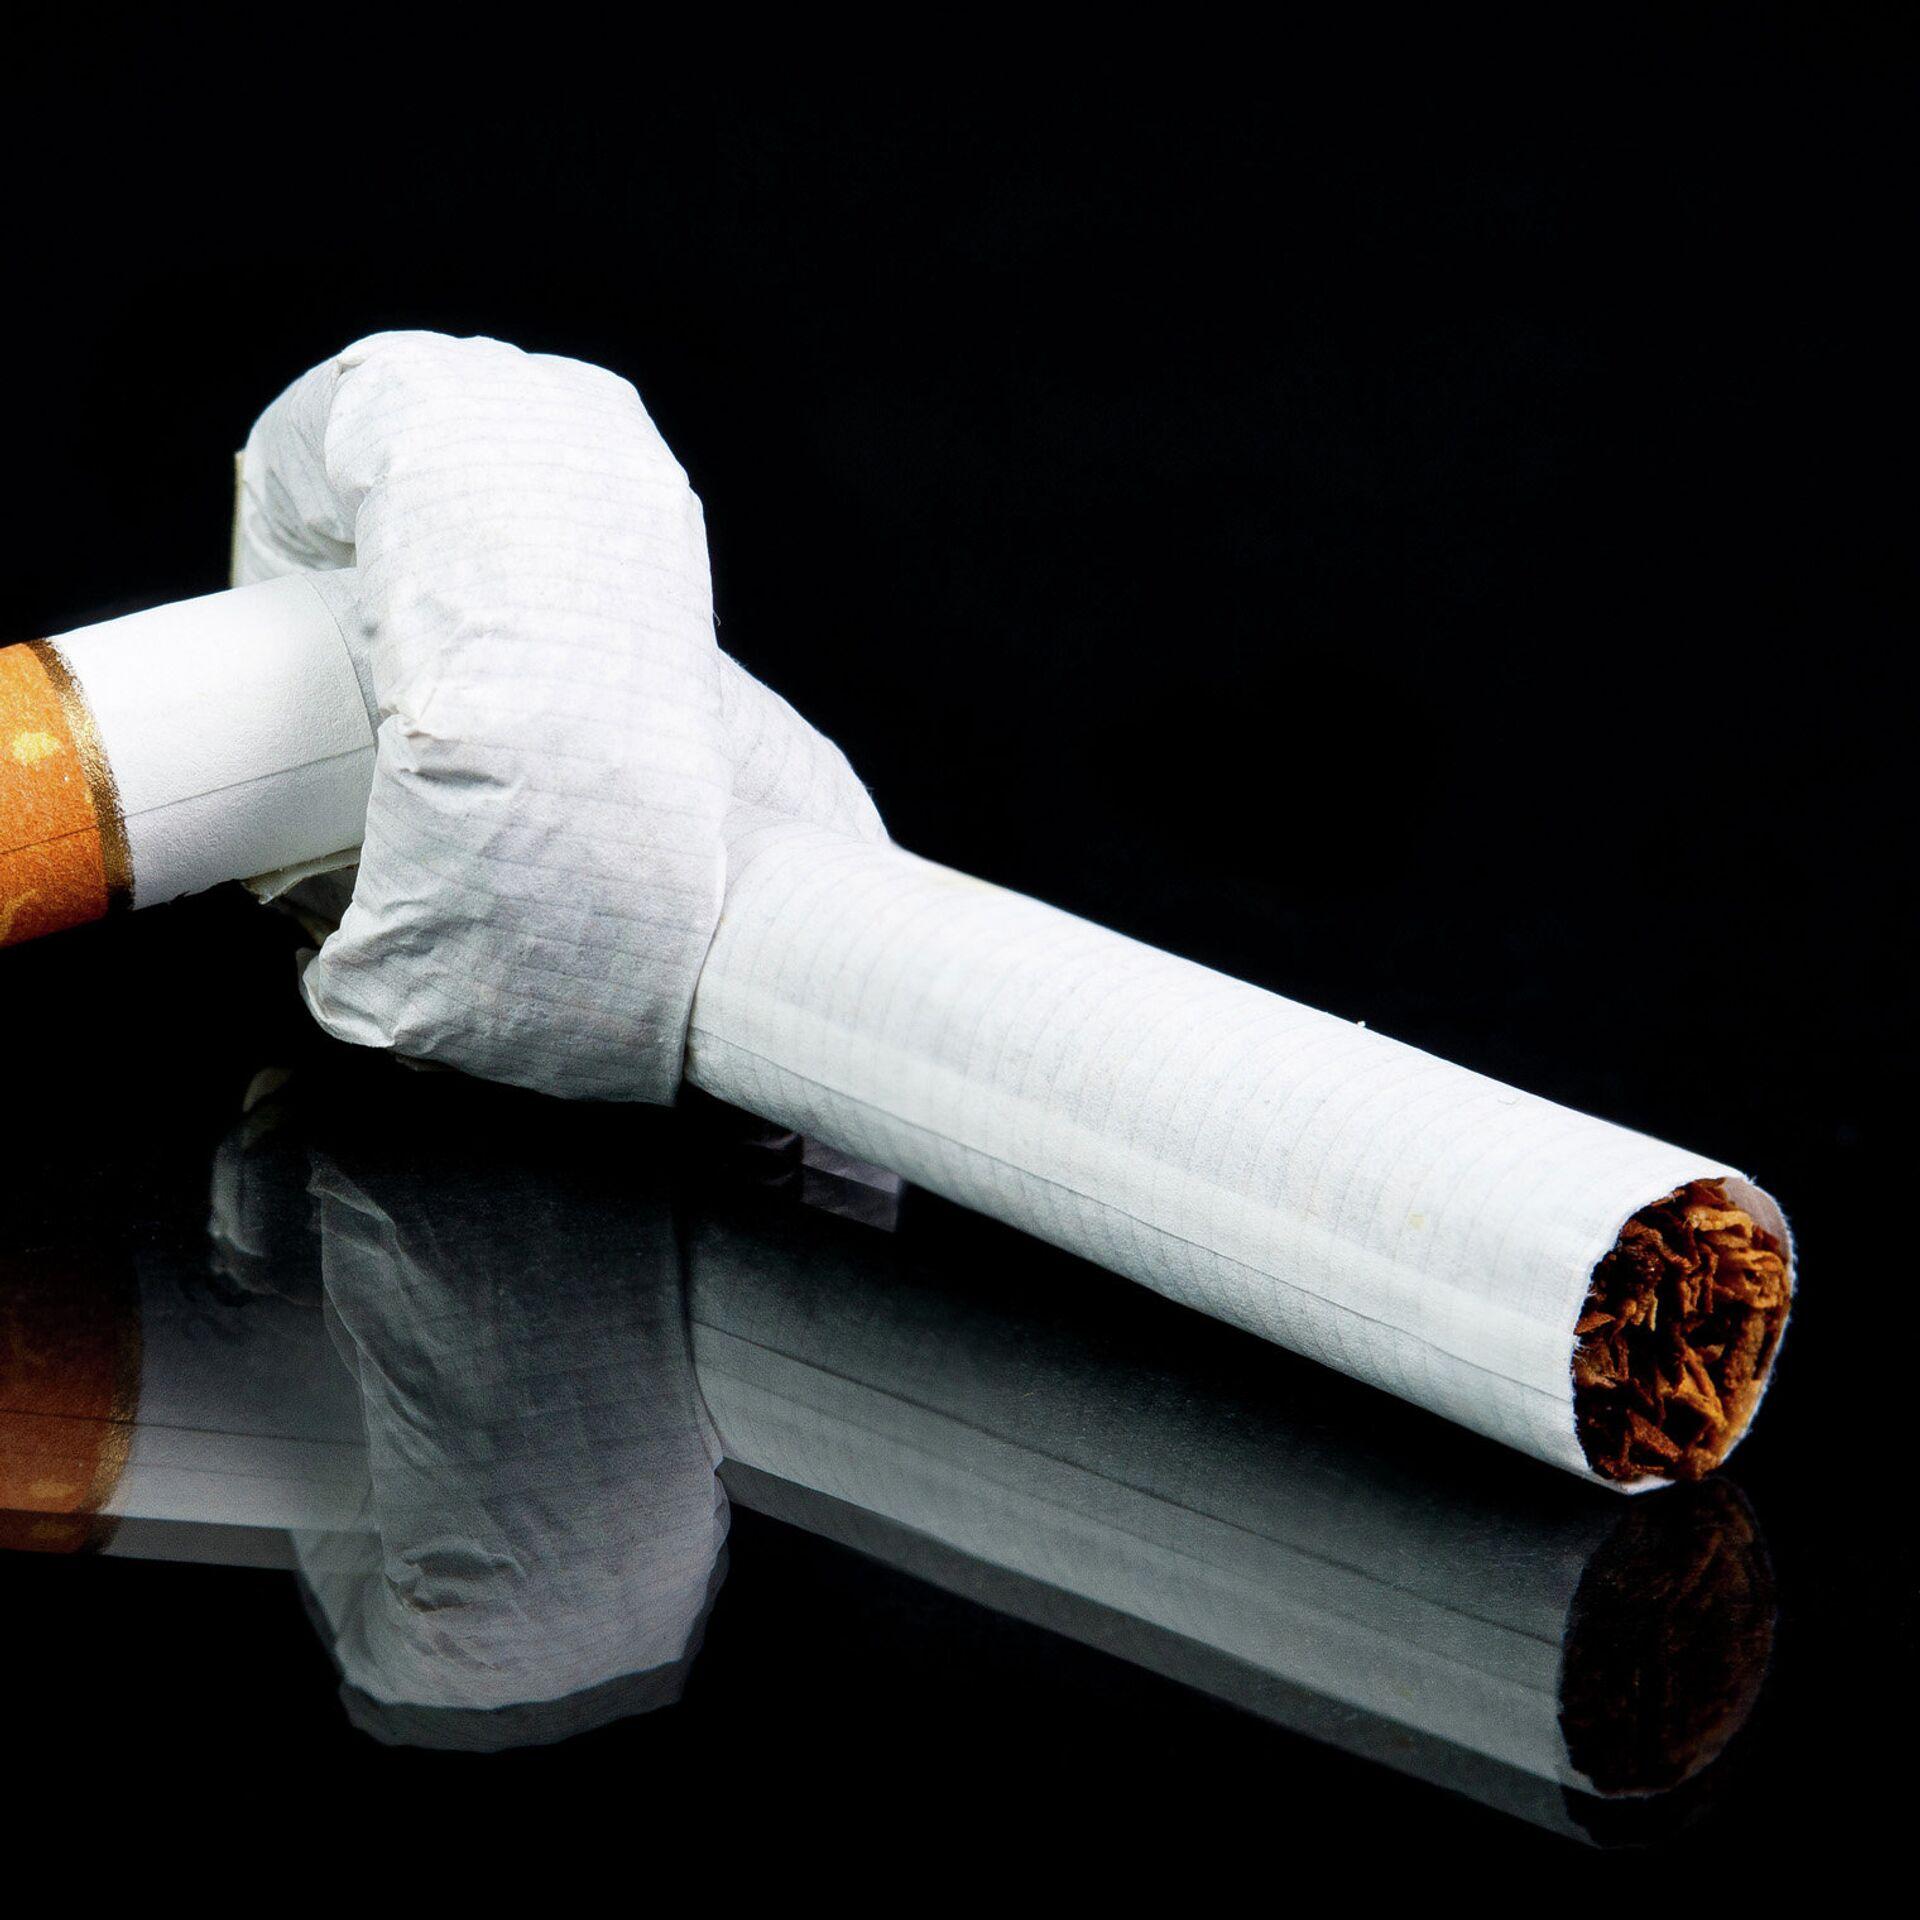 Закон о табачных изделиях штраф табаки для кальяна по оптовой цене екатеринбург